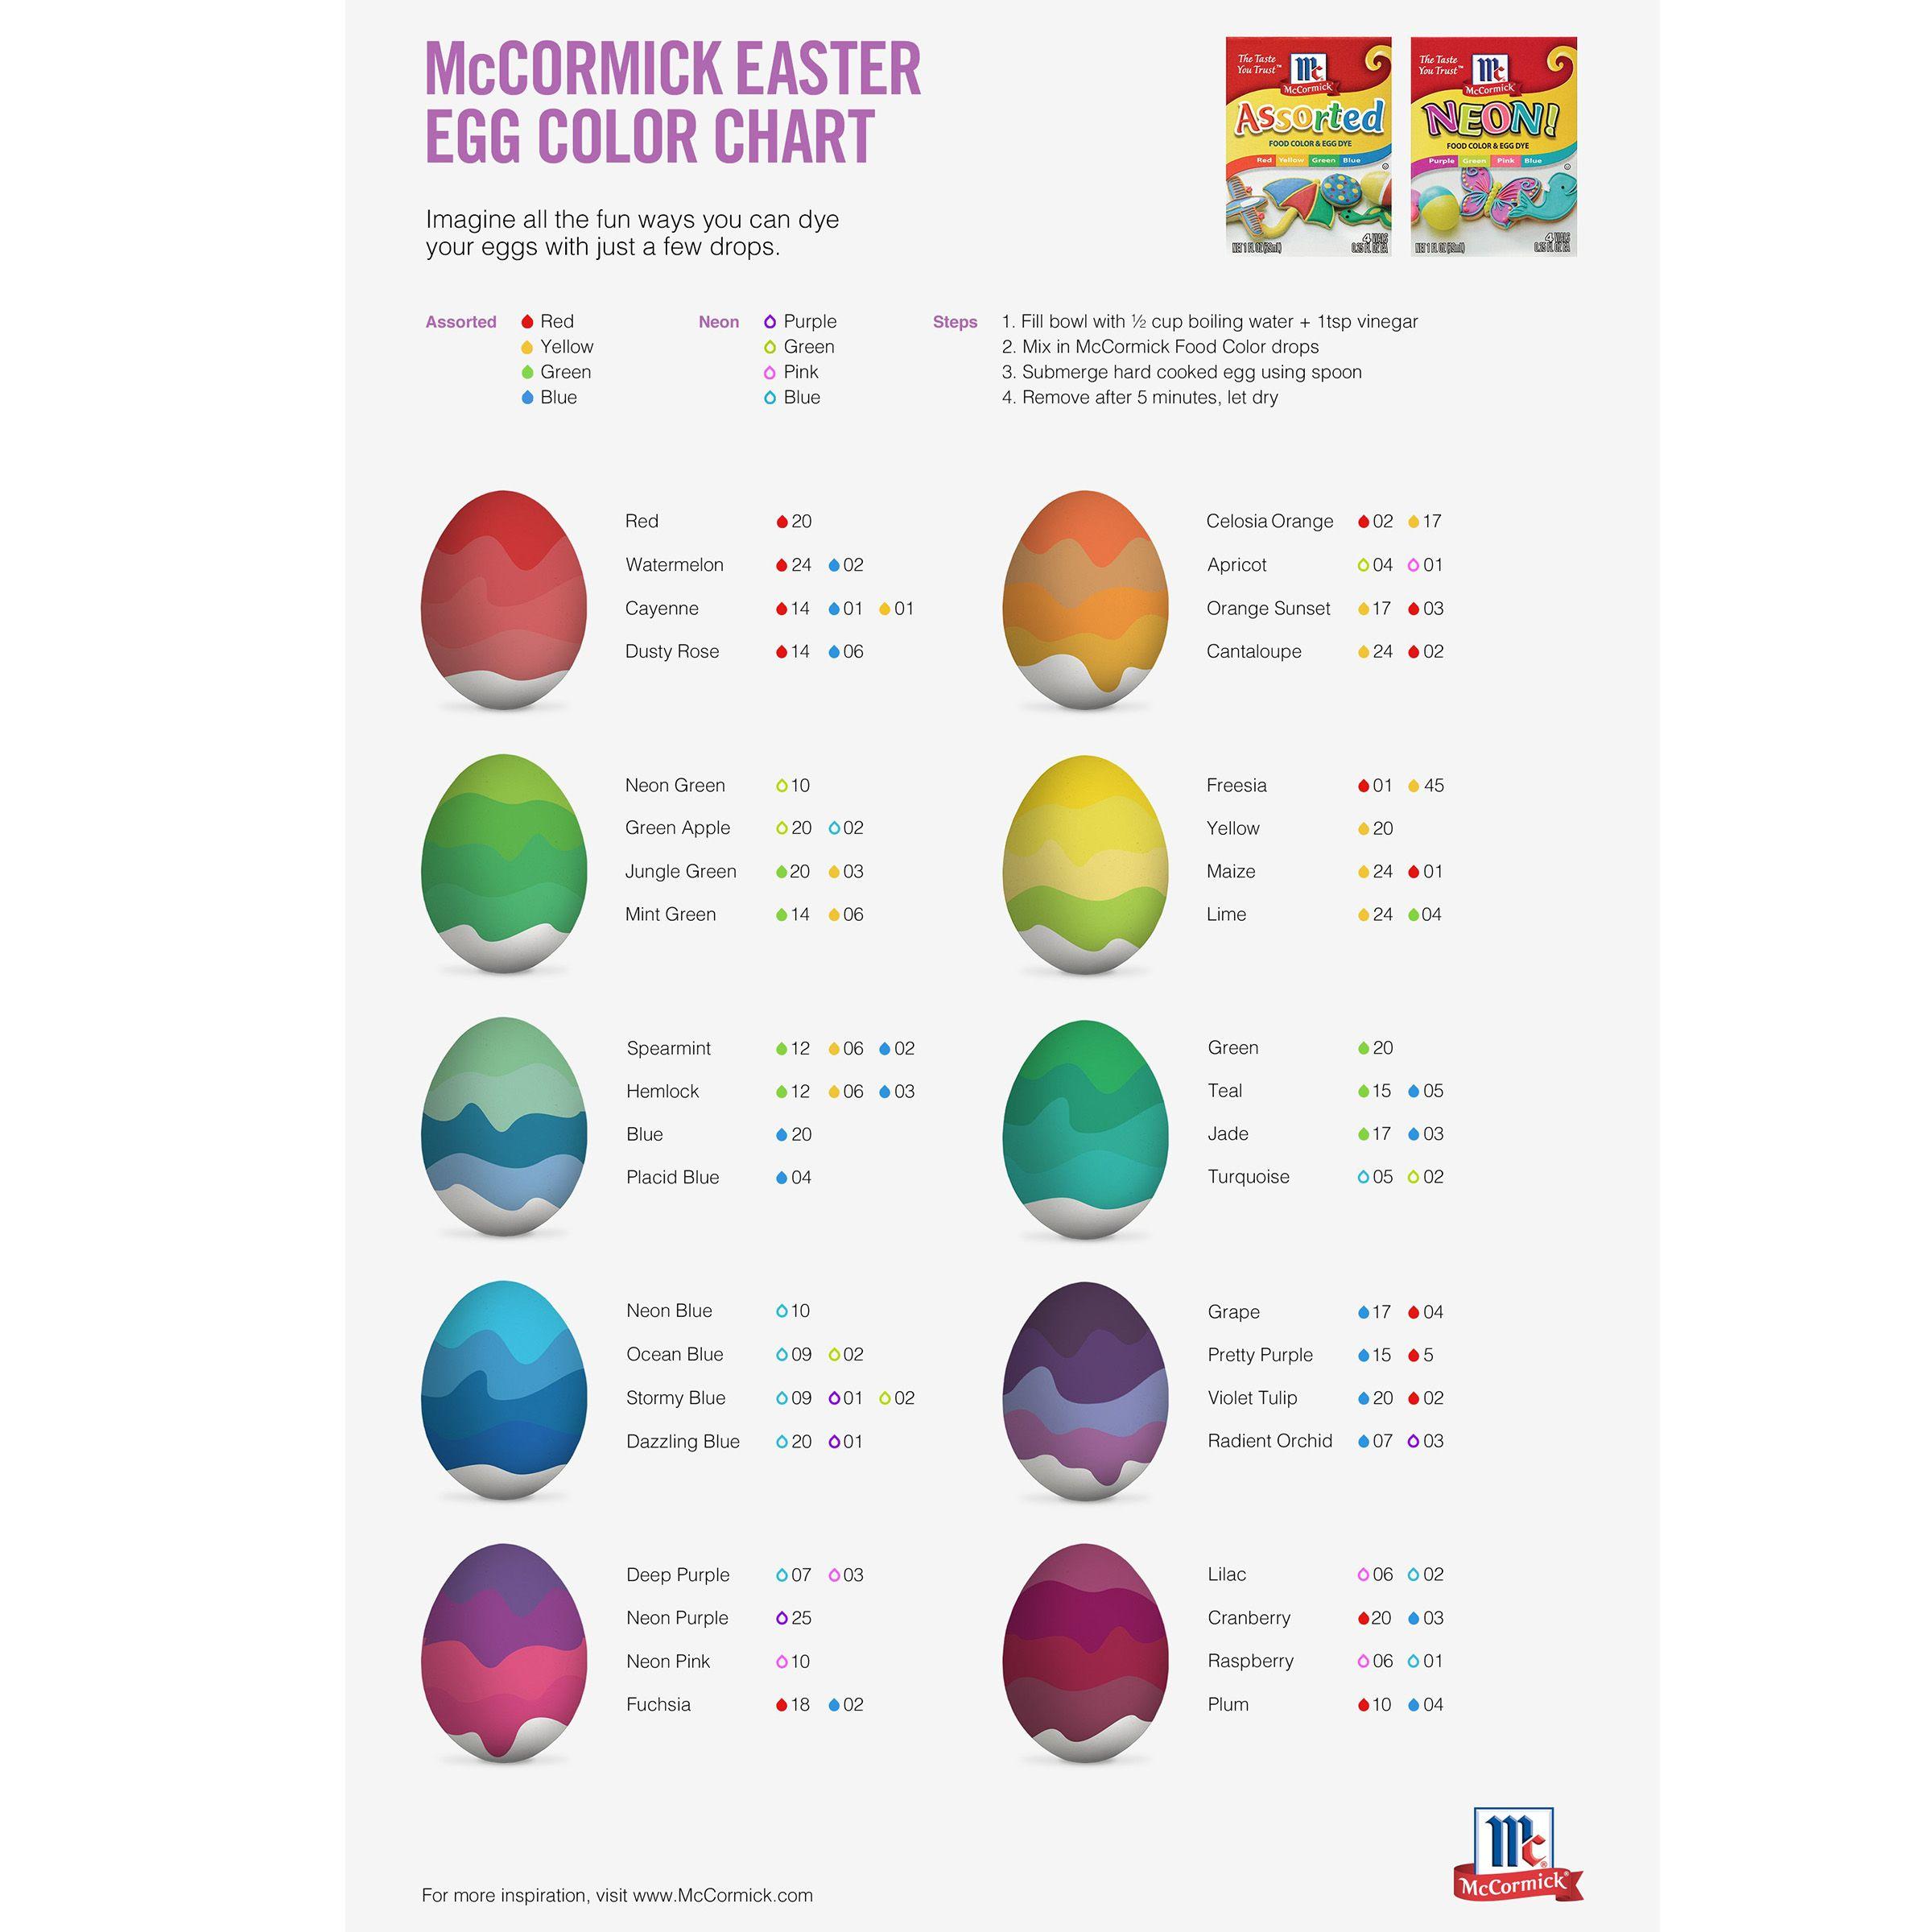 Food in 2020 egg dye food coloring egg dye neon food